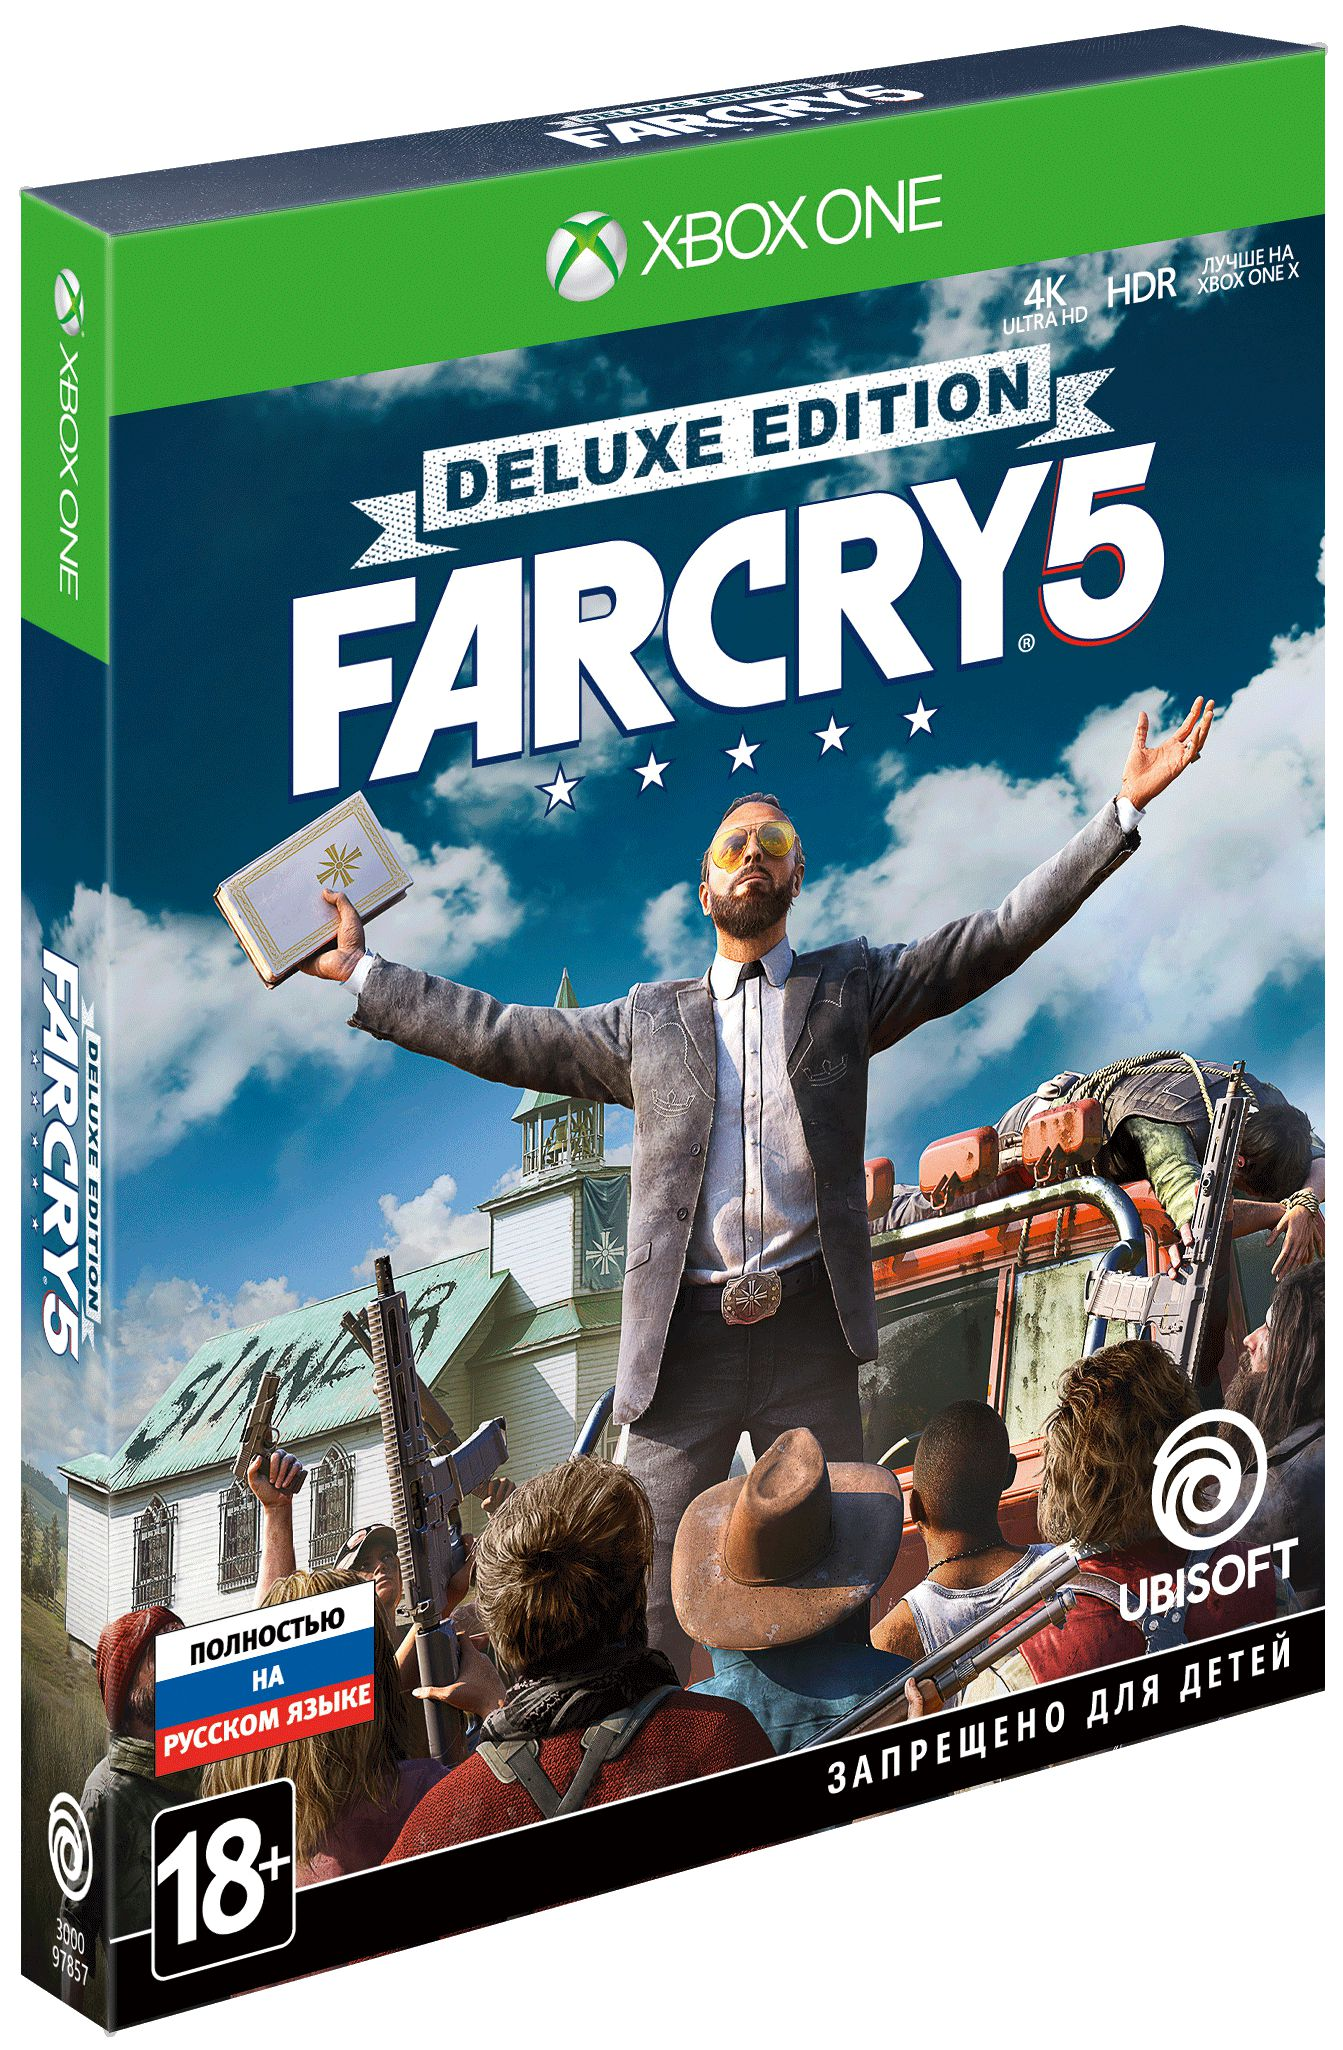 Far Cry 5. Deluxe Edition [Xbox One]Закажите игру Far Cry 5. Deluxe Edition до 17:00 часов 23 марта 2018 года и получите в подарок набор «Выживальщик».<br>